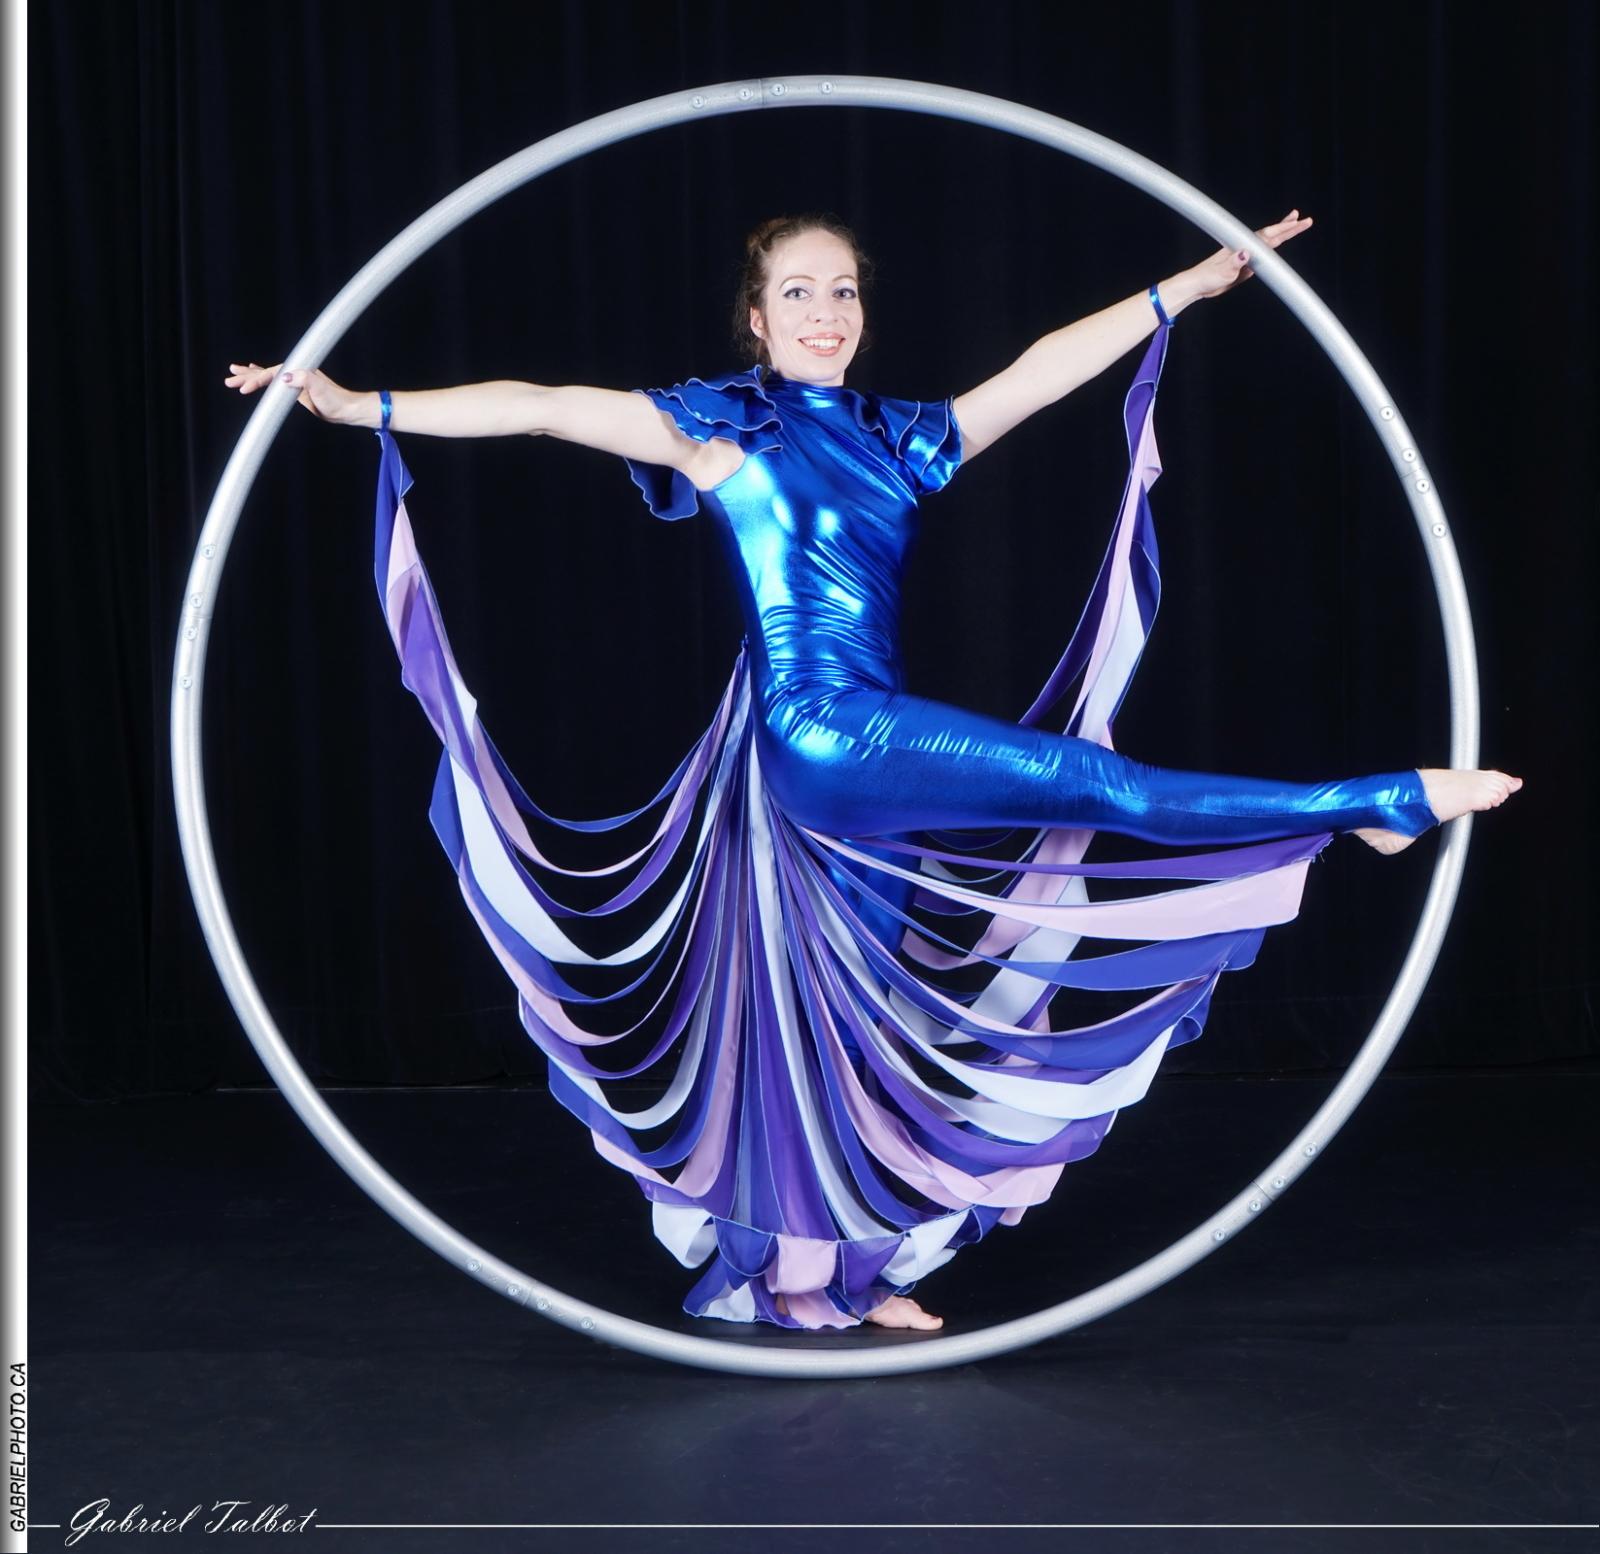 circus costume Canada